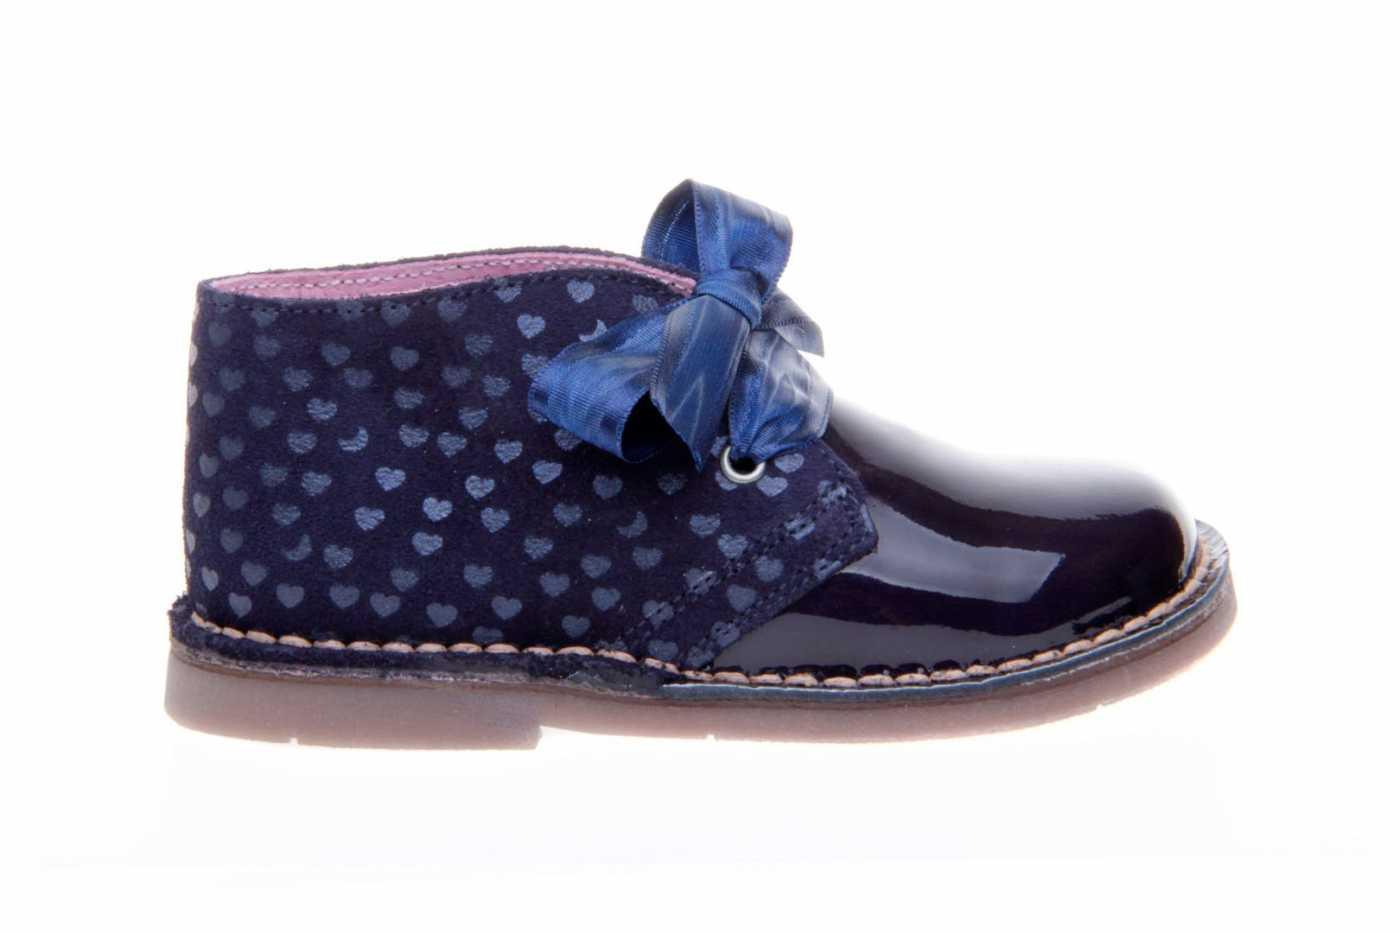 c160b37f397 Comprar zapato tipo JOVEN NIÑA estilo BOTAS COLOR AZUL CHAROL